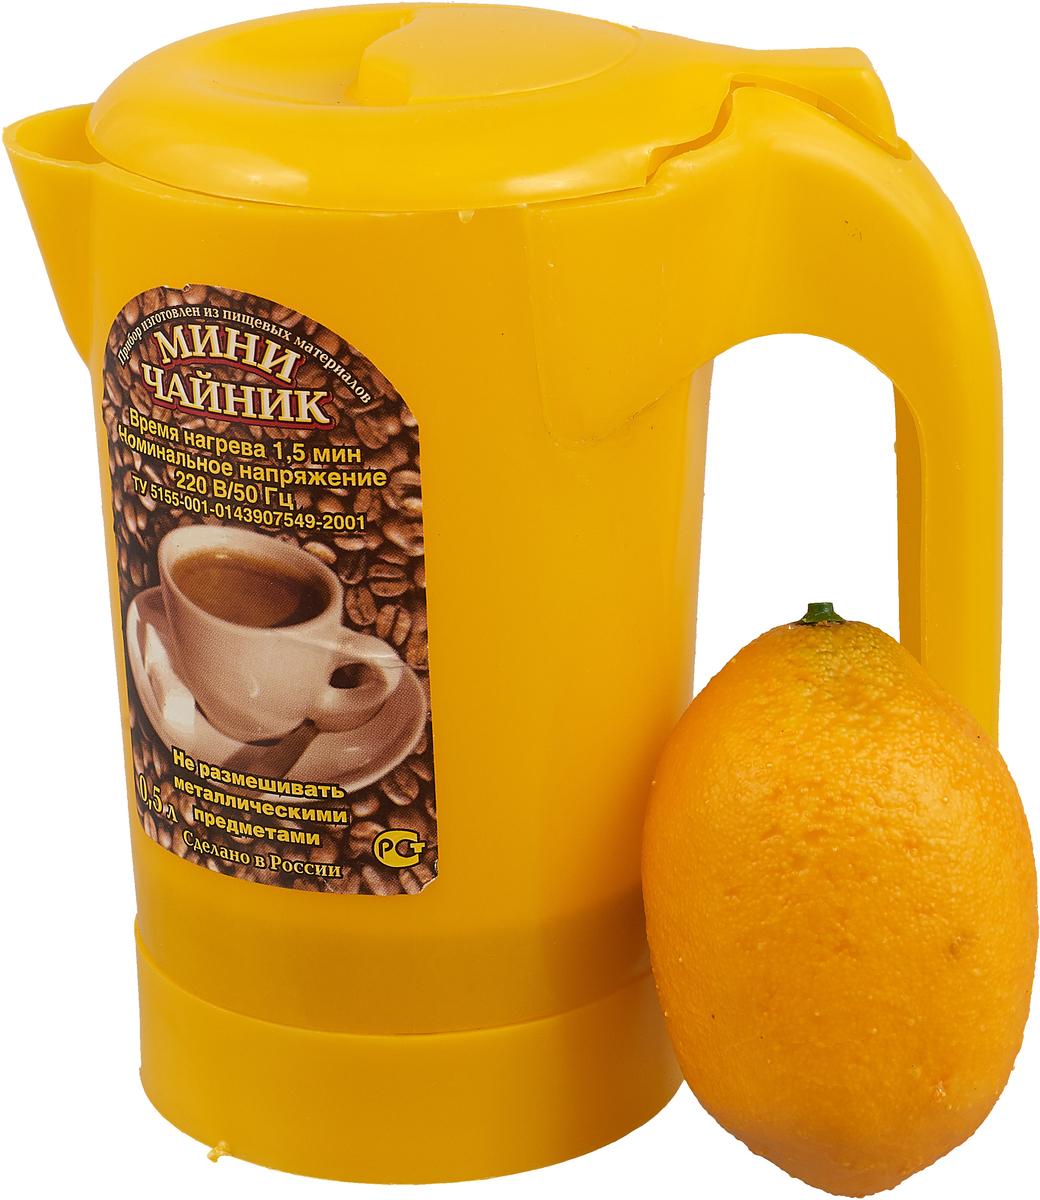 Электрический чайник Zimber ZM-1235, цвет: желтый Zimber